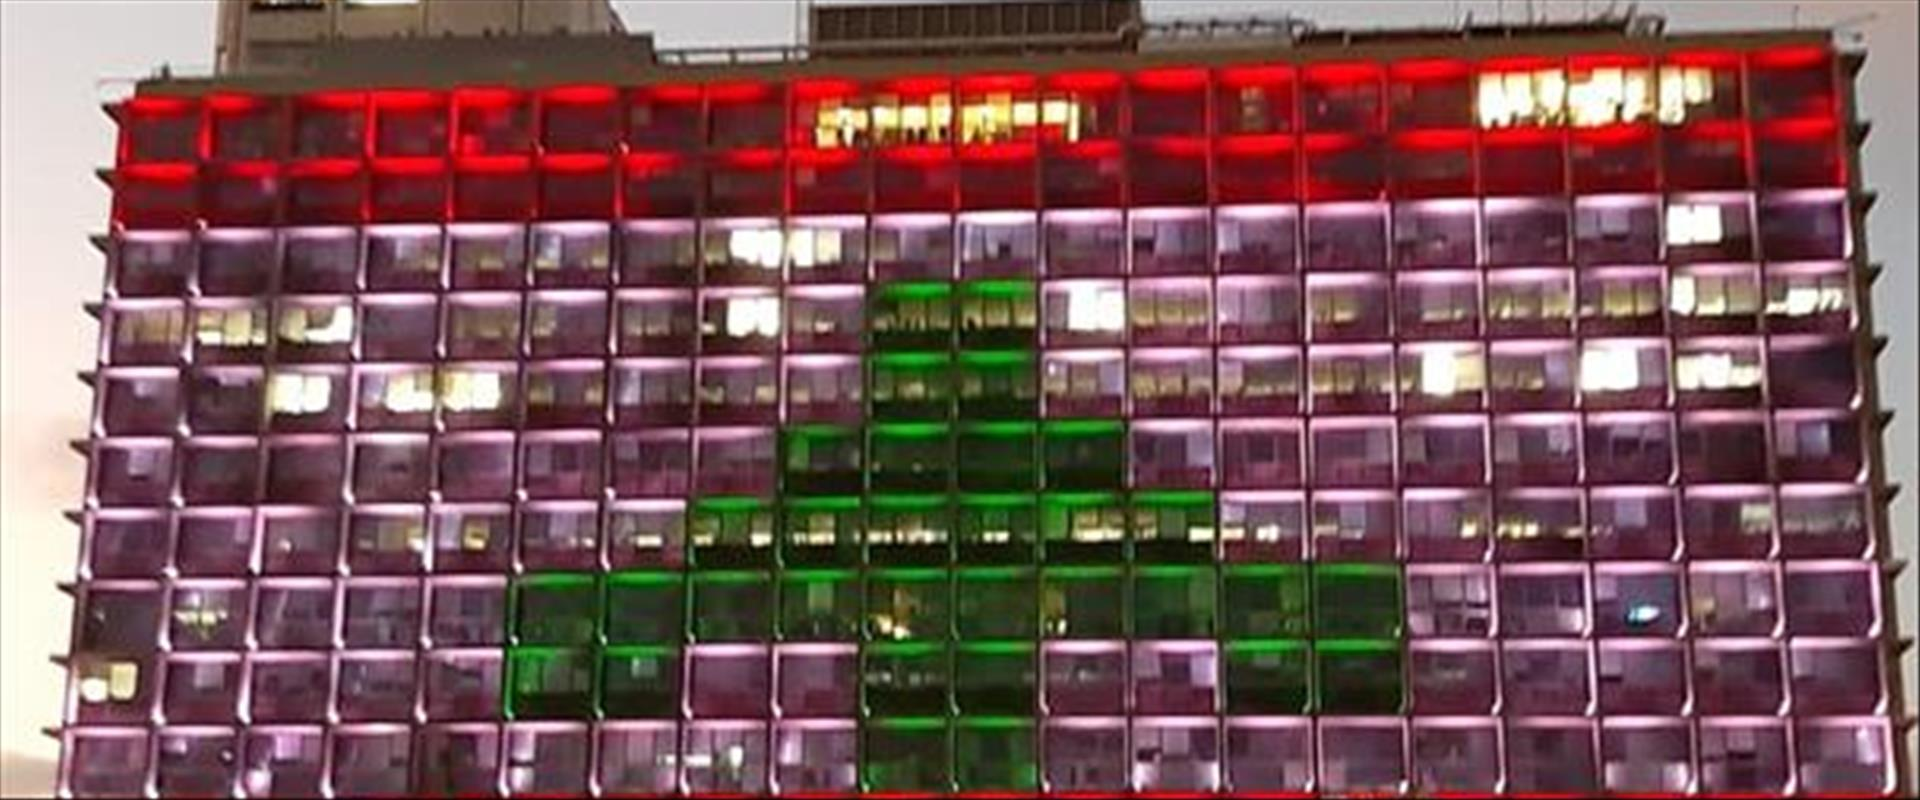 דגל לבנון על בניין עיירית תל אביב